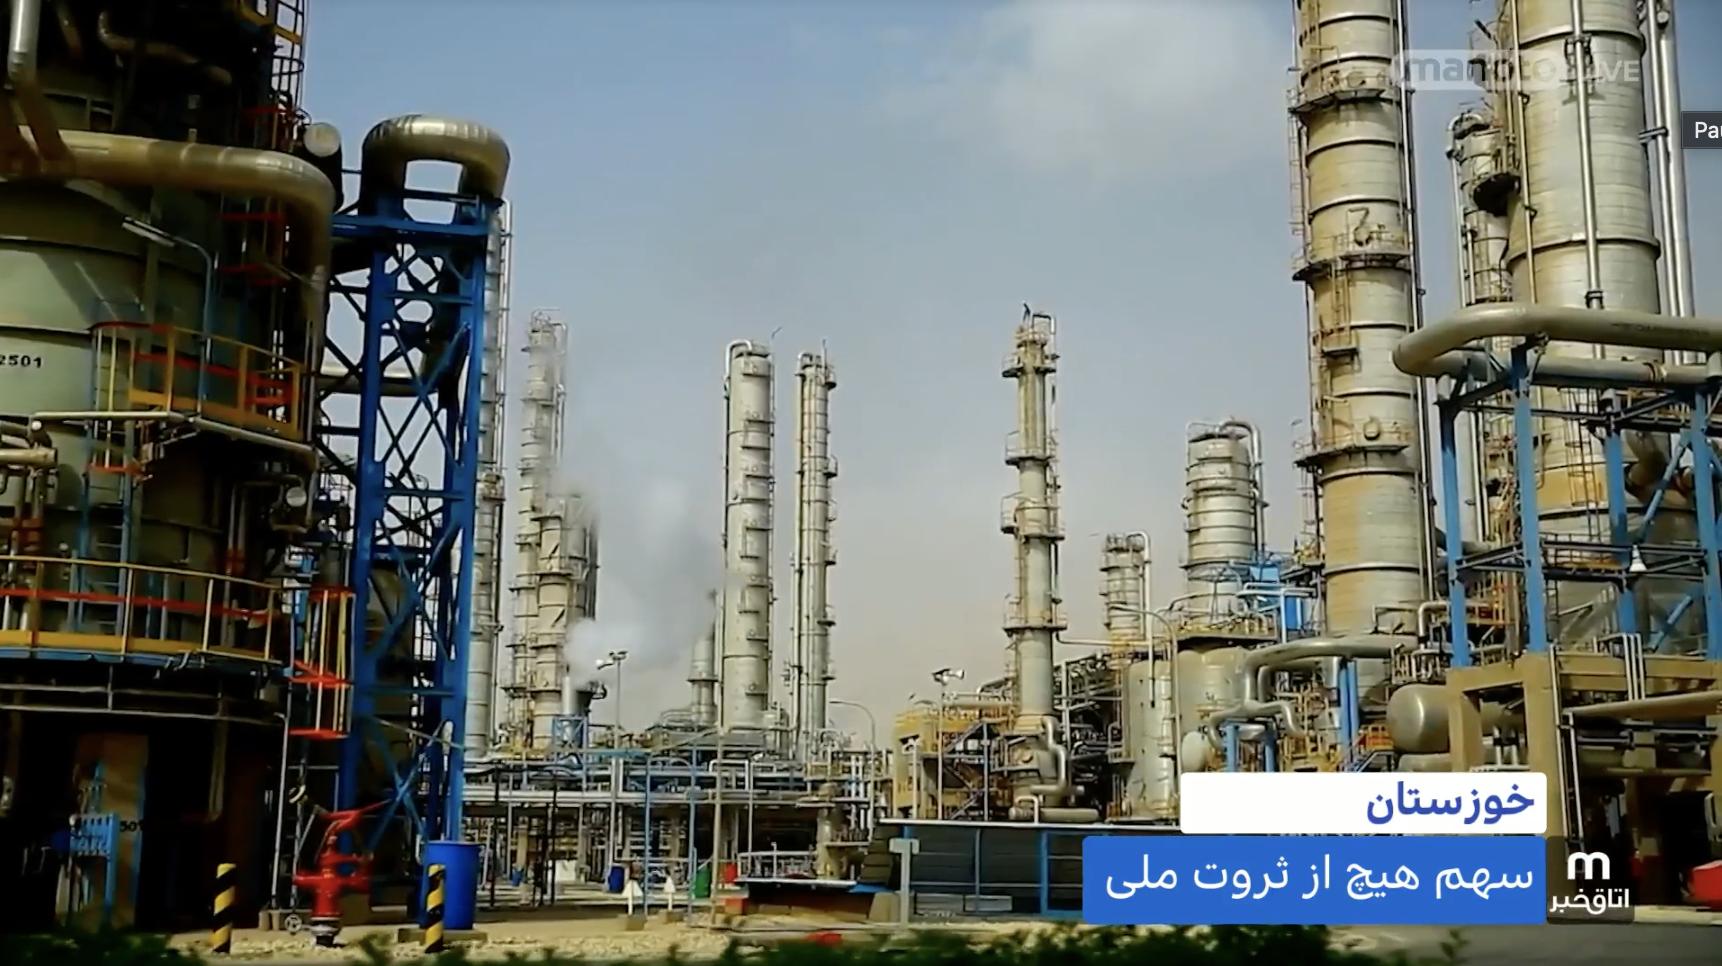 گزارش پایگاه داده باز ایران؛ سهم خوزستان از ثروتی که تولید میکند هیچ است.